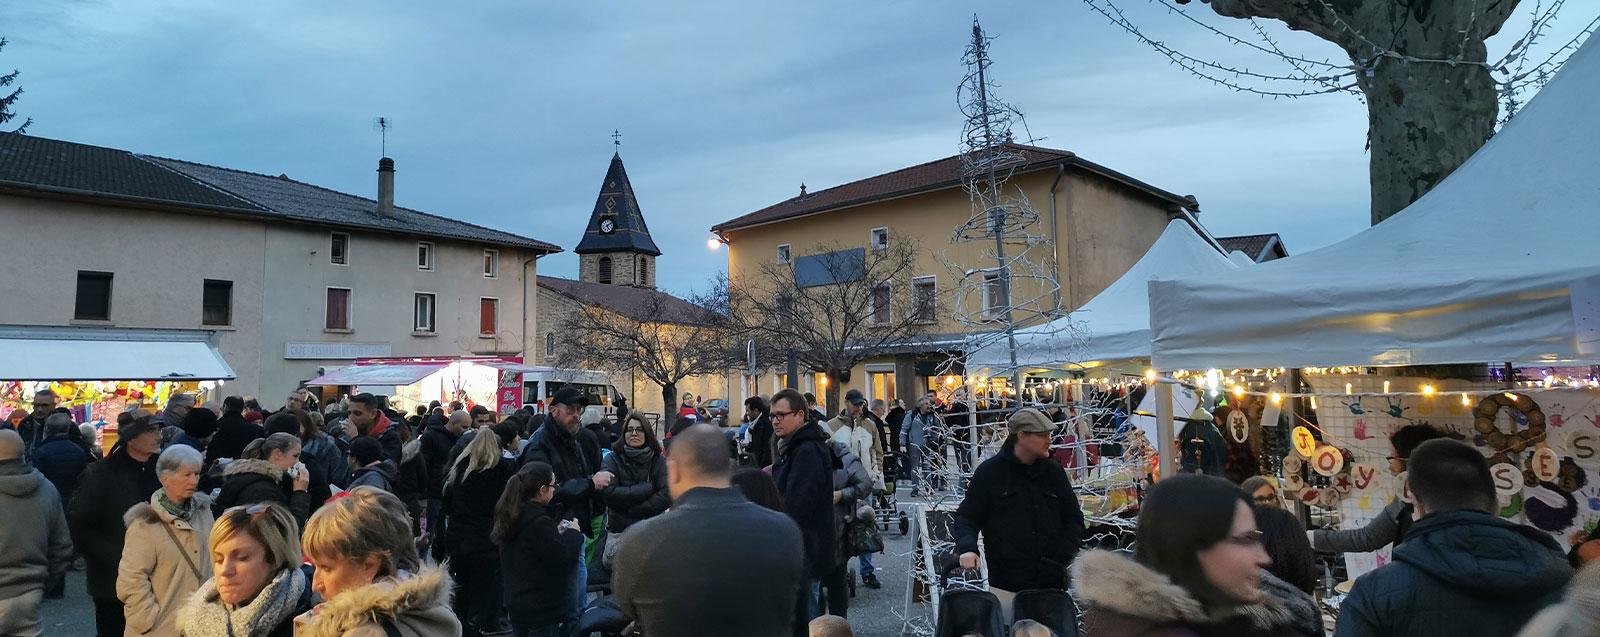 Marché de Noël 2019 - © Mairie de Villefontaine